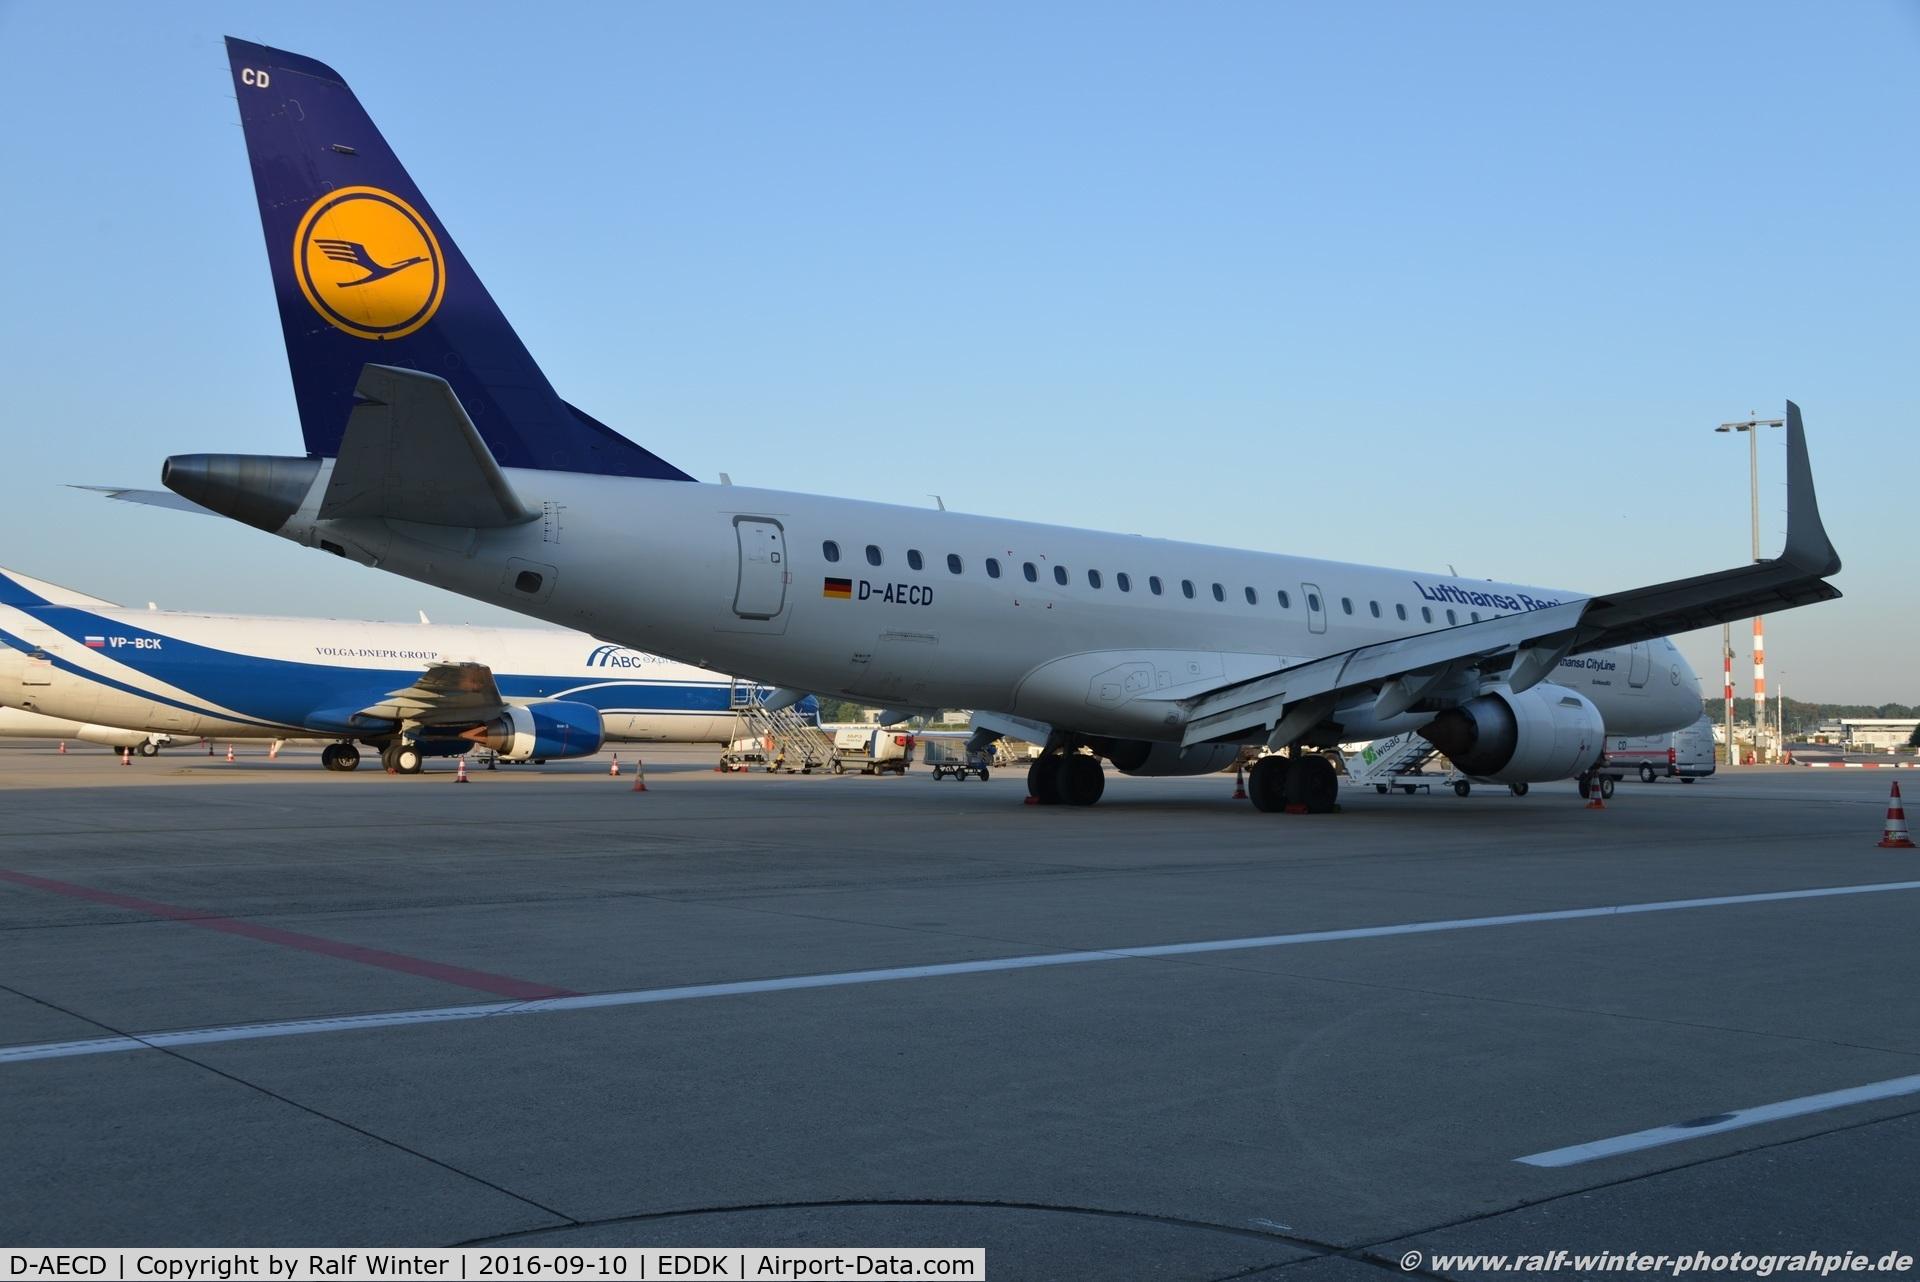 D-AECD, 2010 Embraer 190LR (ERJ-190-100LR) C/N 19000337, Embraer ERJ-190LR - CL CLH Lufthansa Cityline 'Schkeudiz- 19000337 - D-AECD - 10.09.2016 - CGN